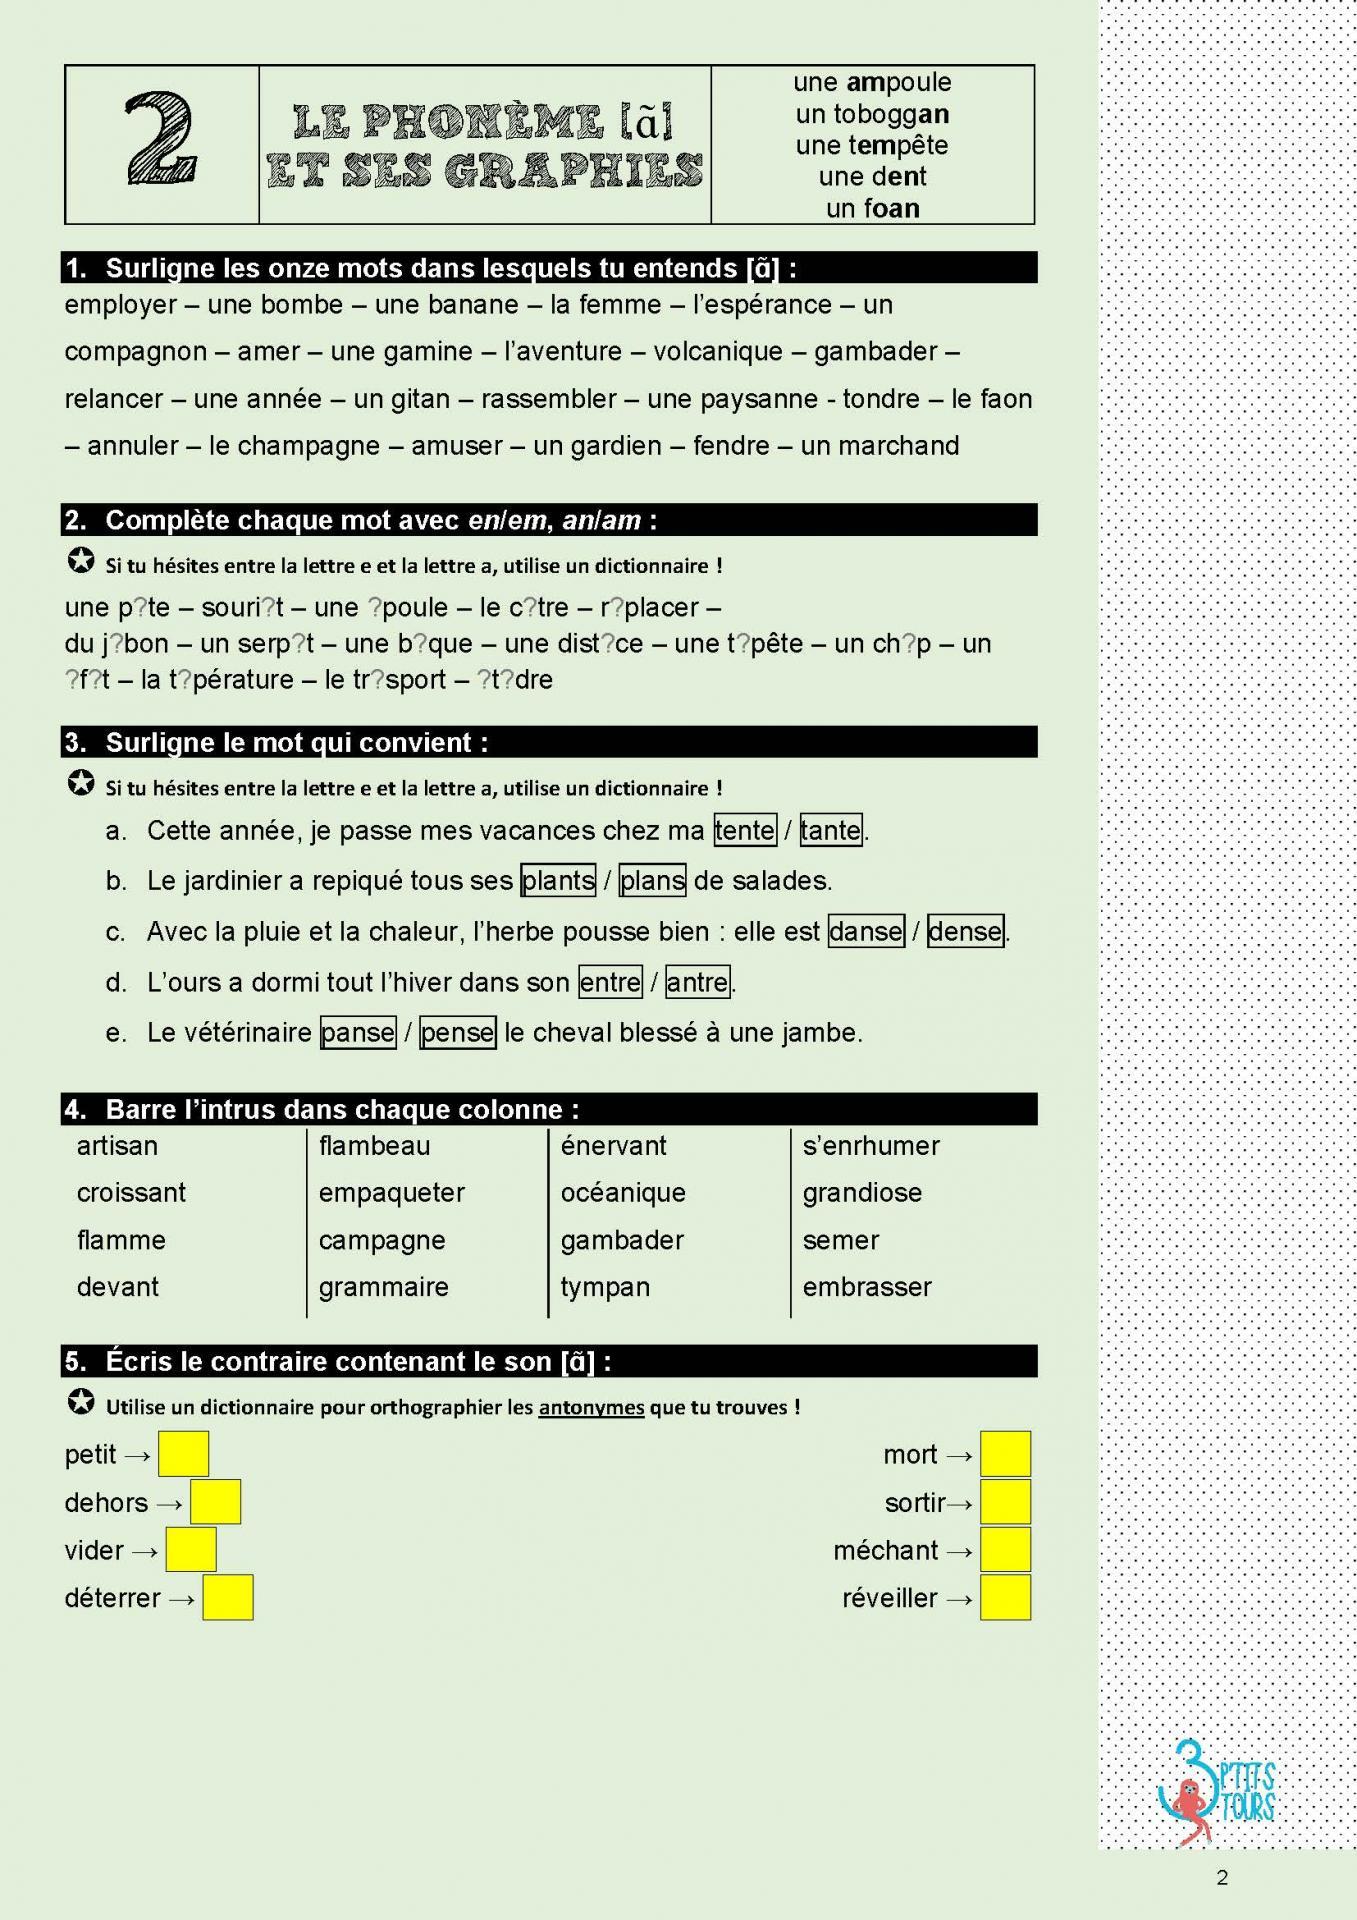 Exercices interactifs pour dys et eleves je memorise et je sais ecrire des mots en cm1 cm2 page 02